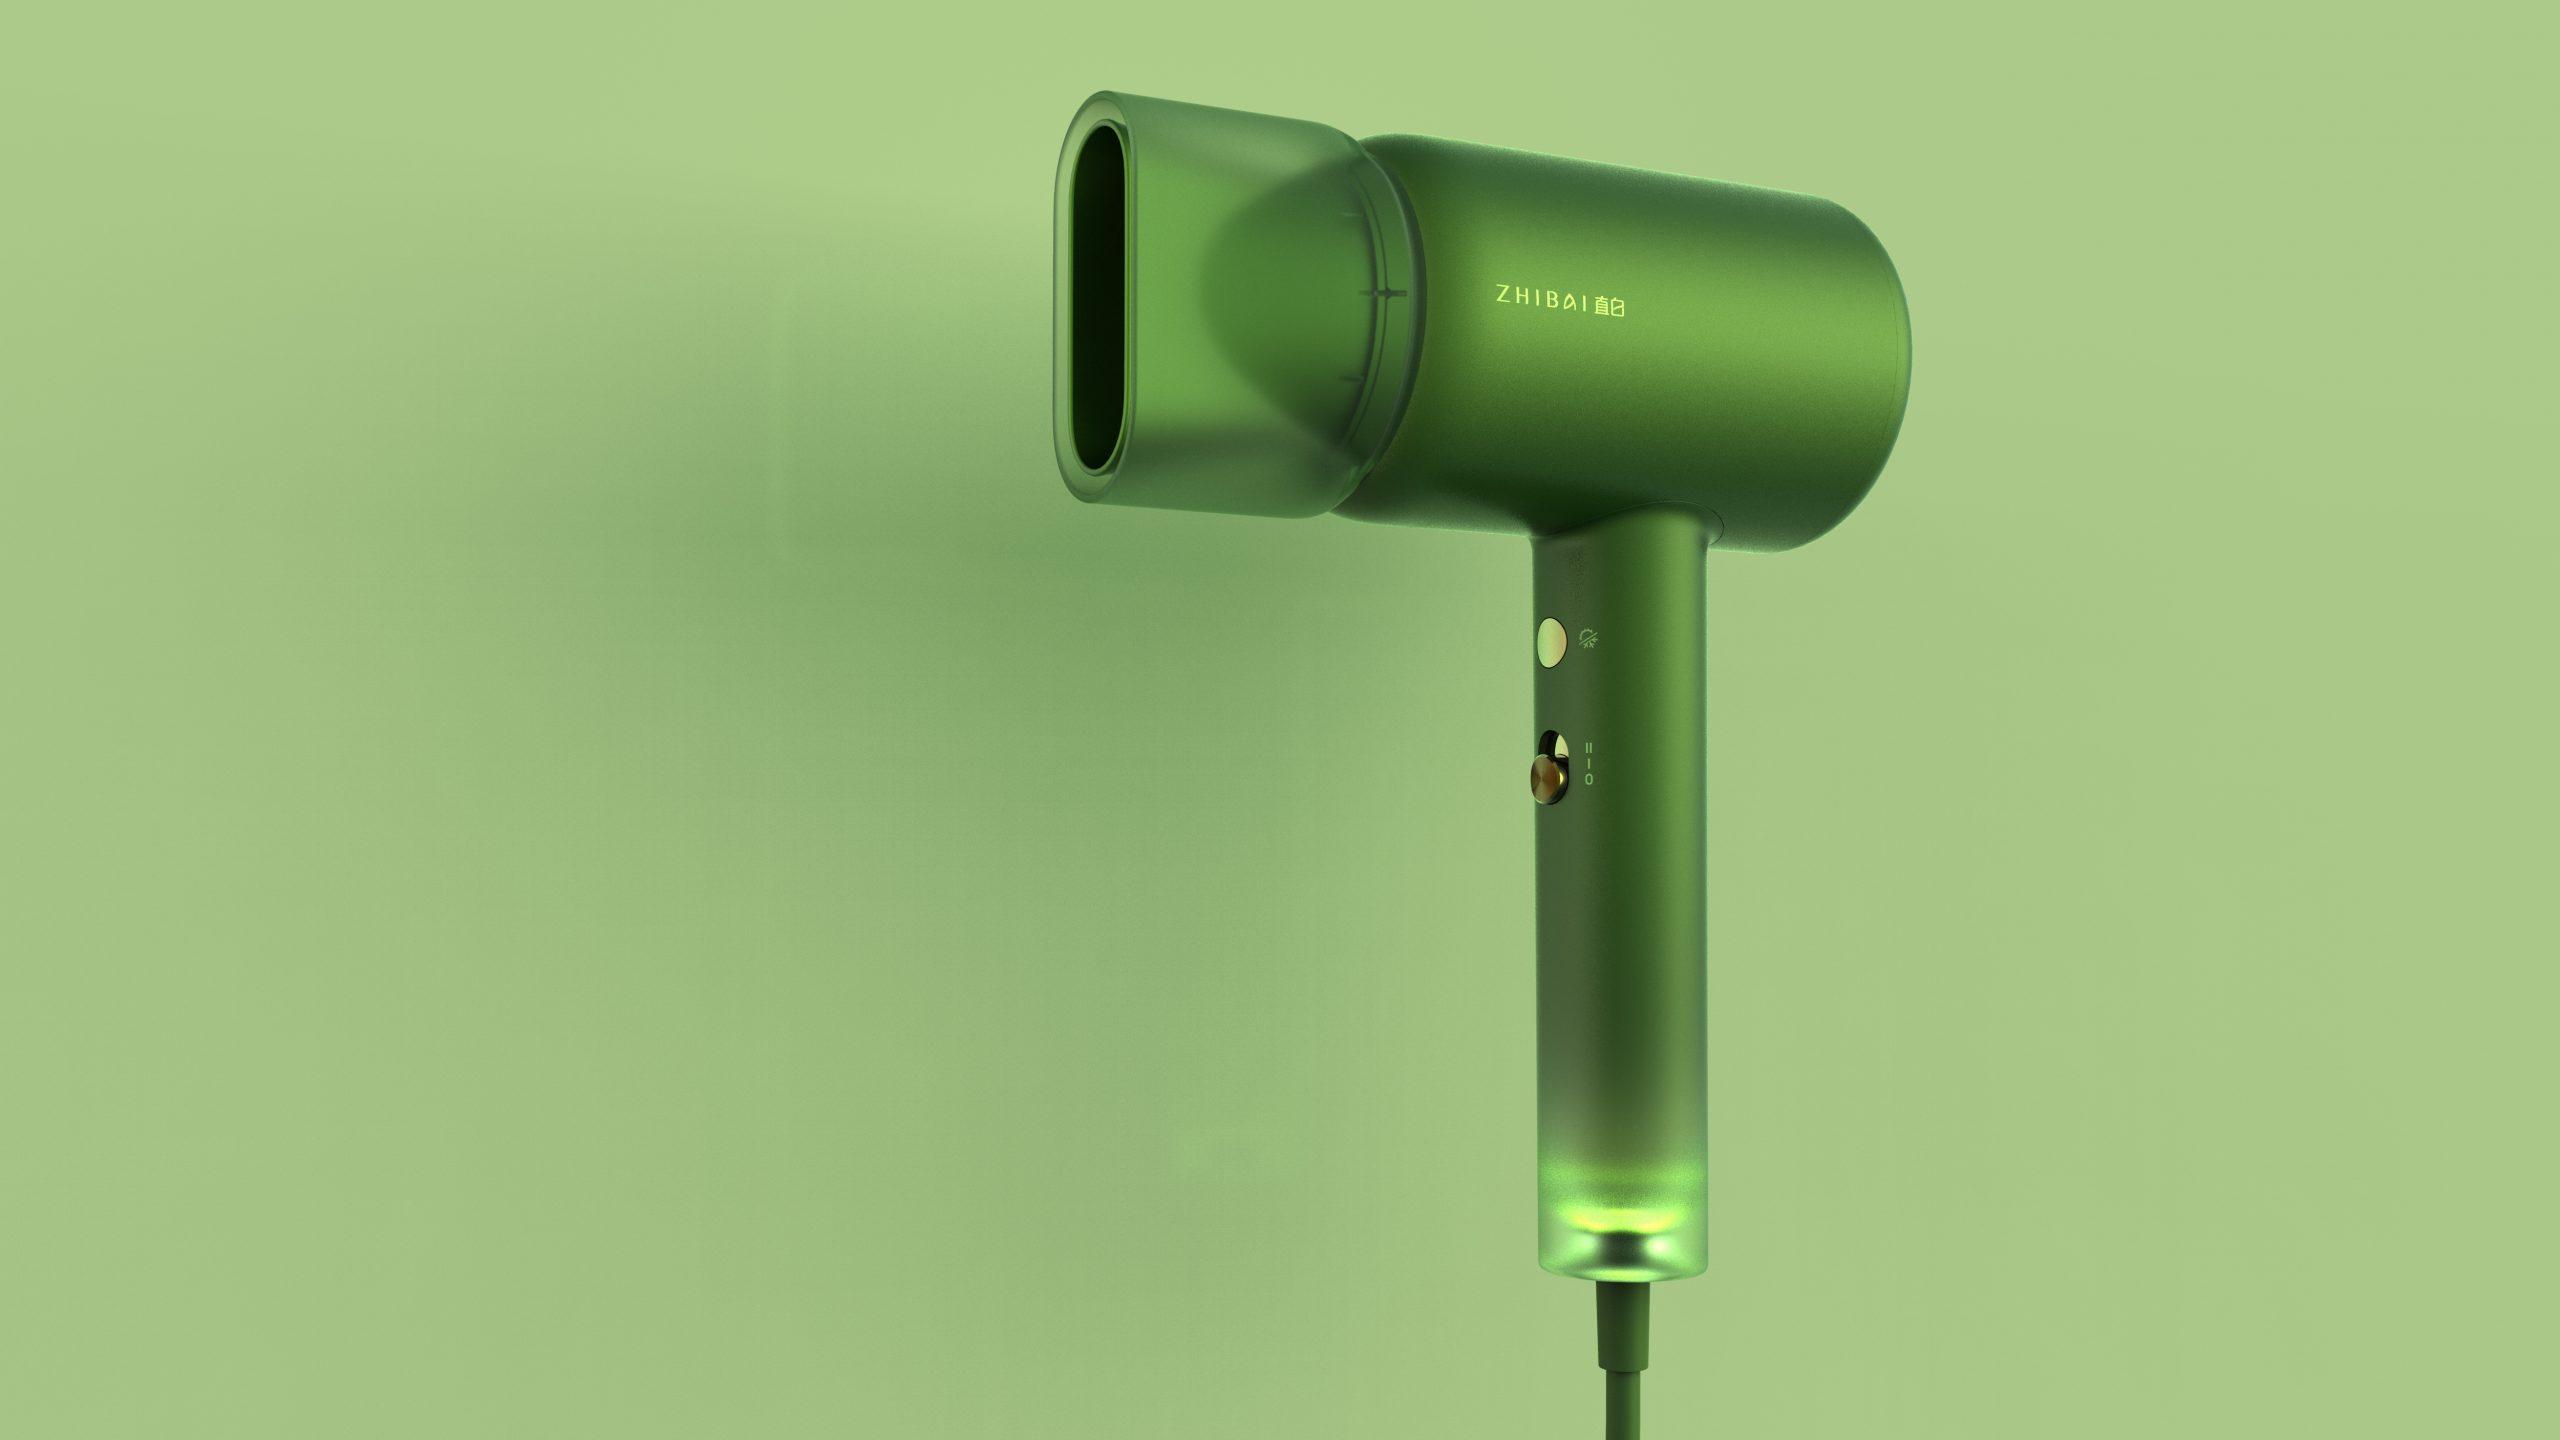 吹风机设计-上海工业设计公司-即禾设计